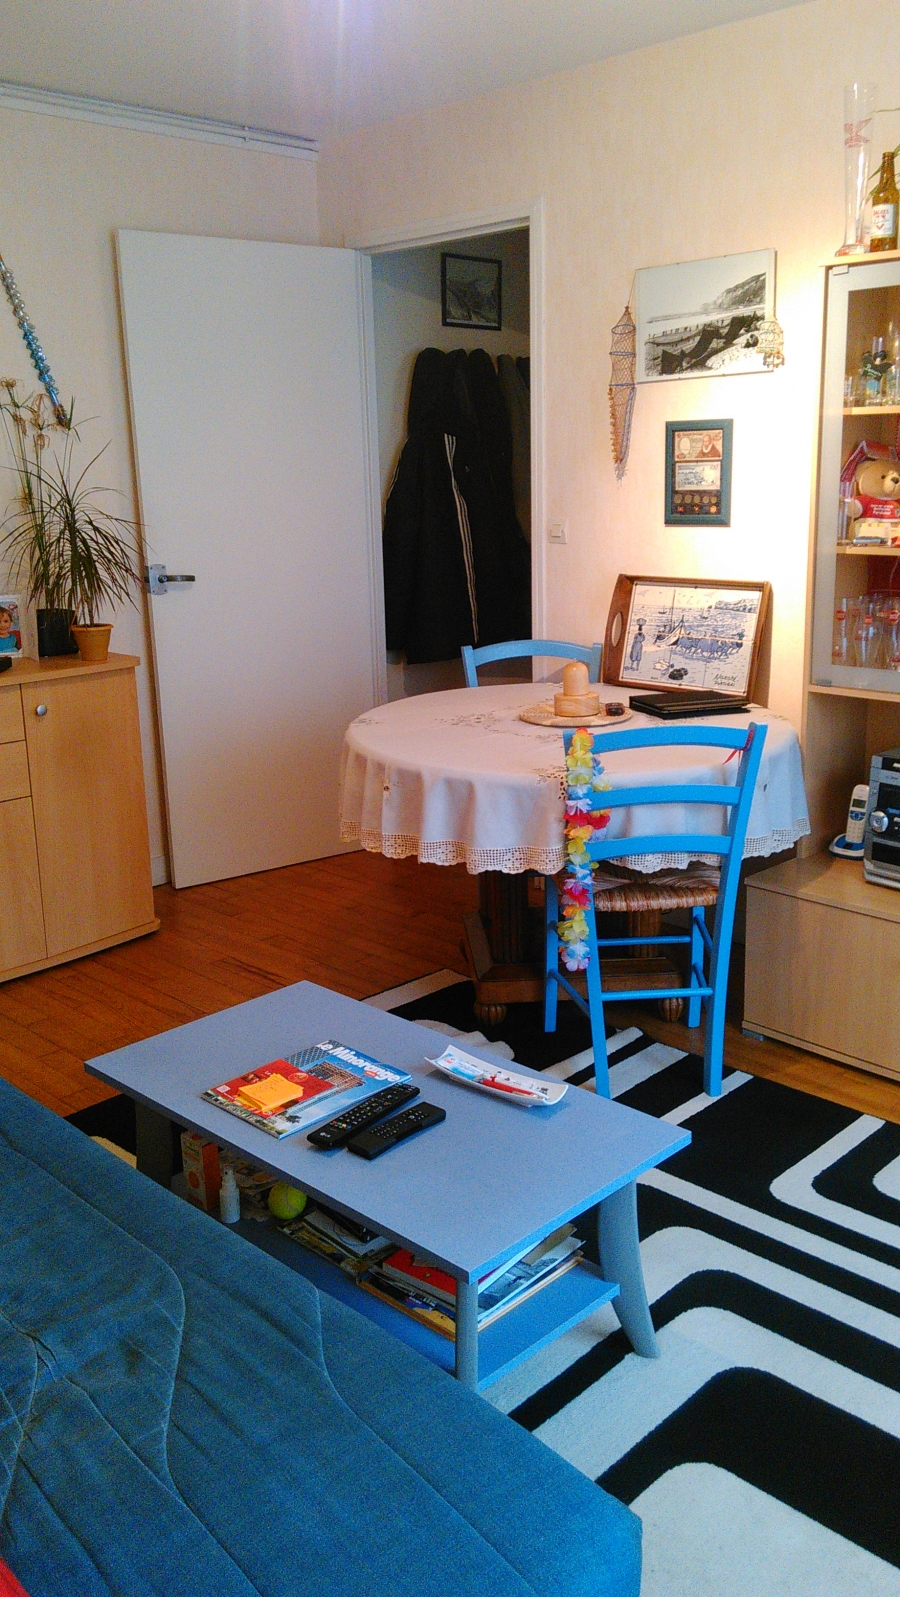 Baisse de prix a vendre brest saint martin appartement t3 avec l 39 age - Appartement bien agence ...